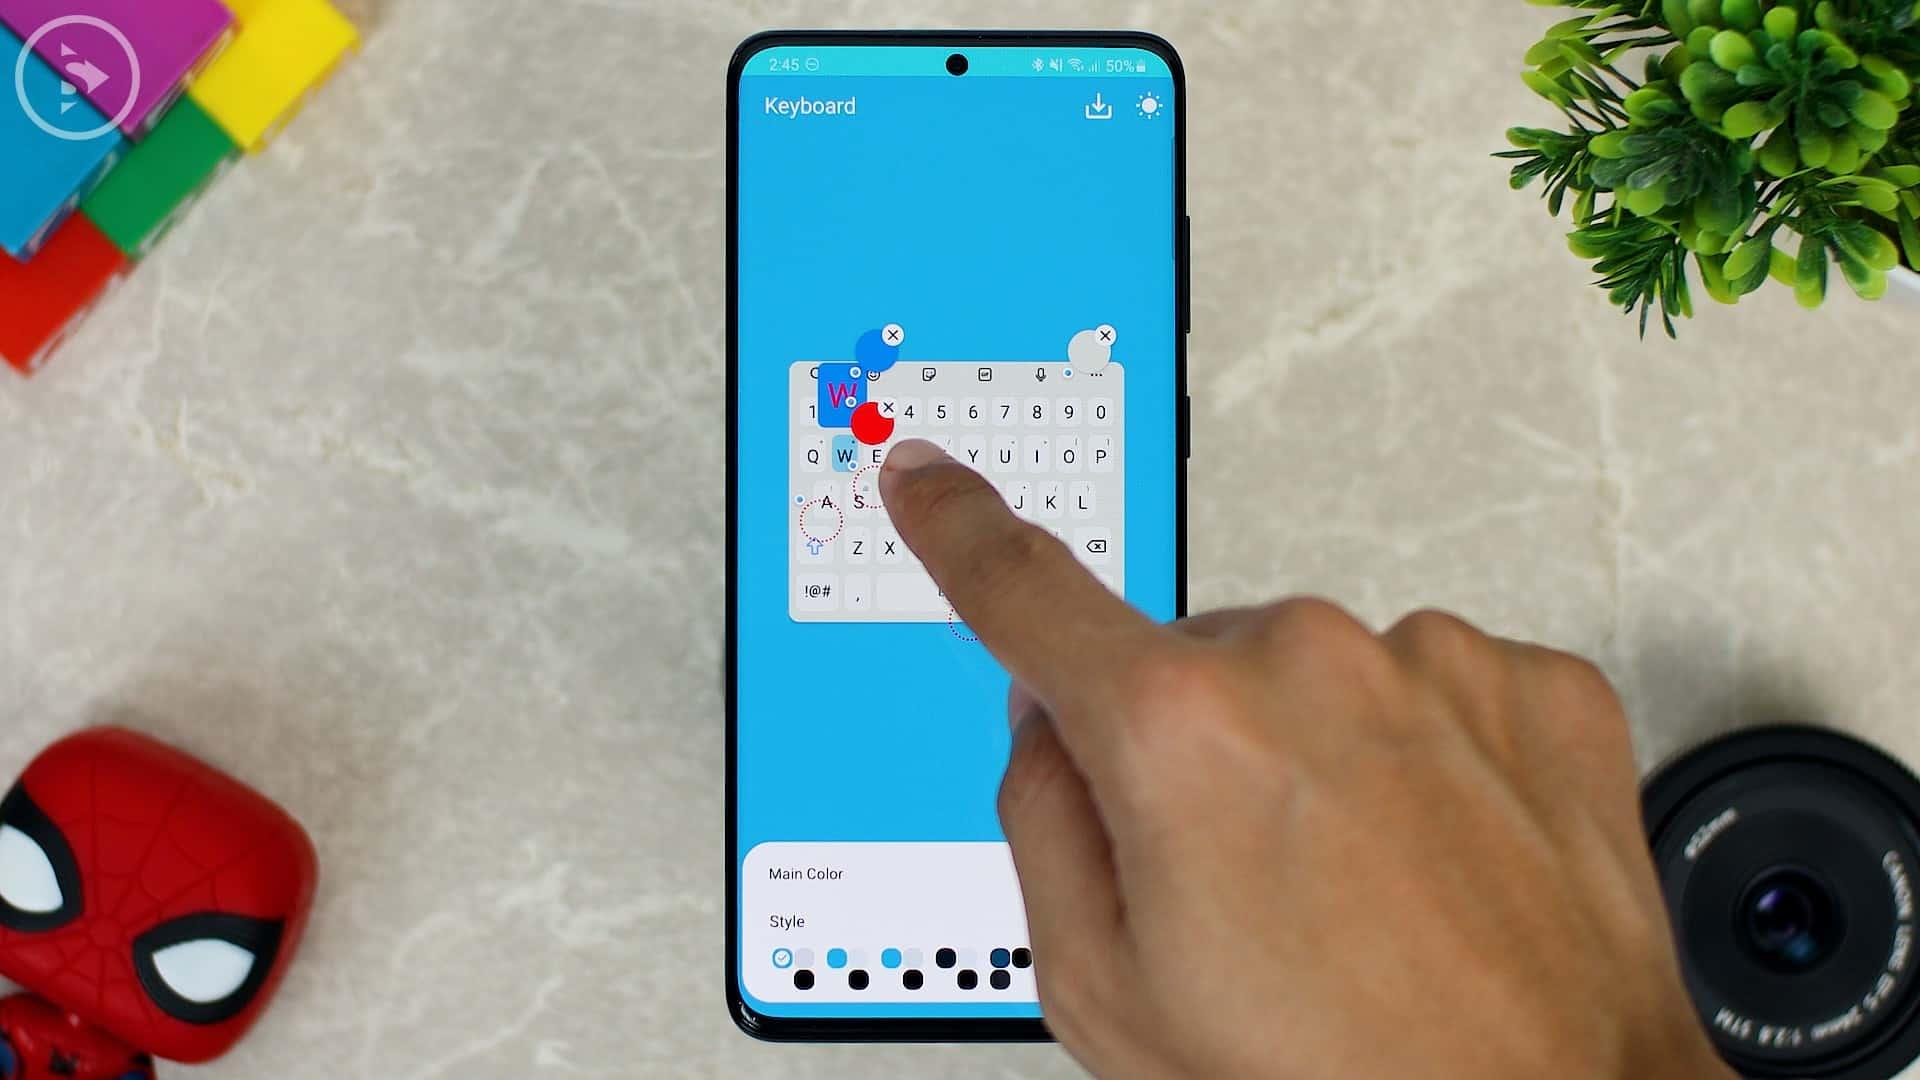 Cara Ganti Warna Keyboard di HP Samsung - Fitur Baru Good Lock - pilih warna merah